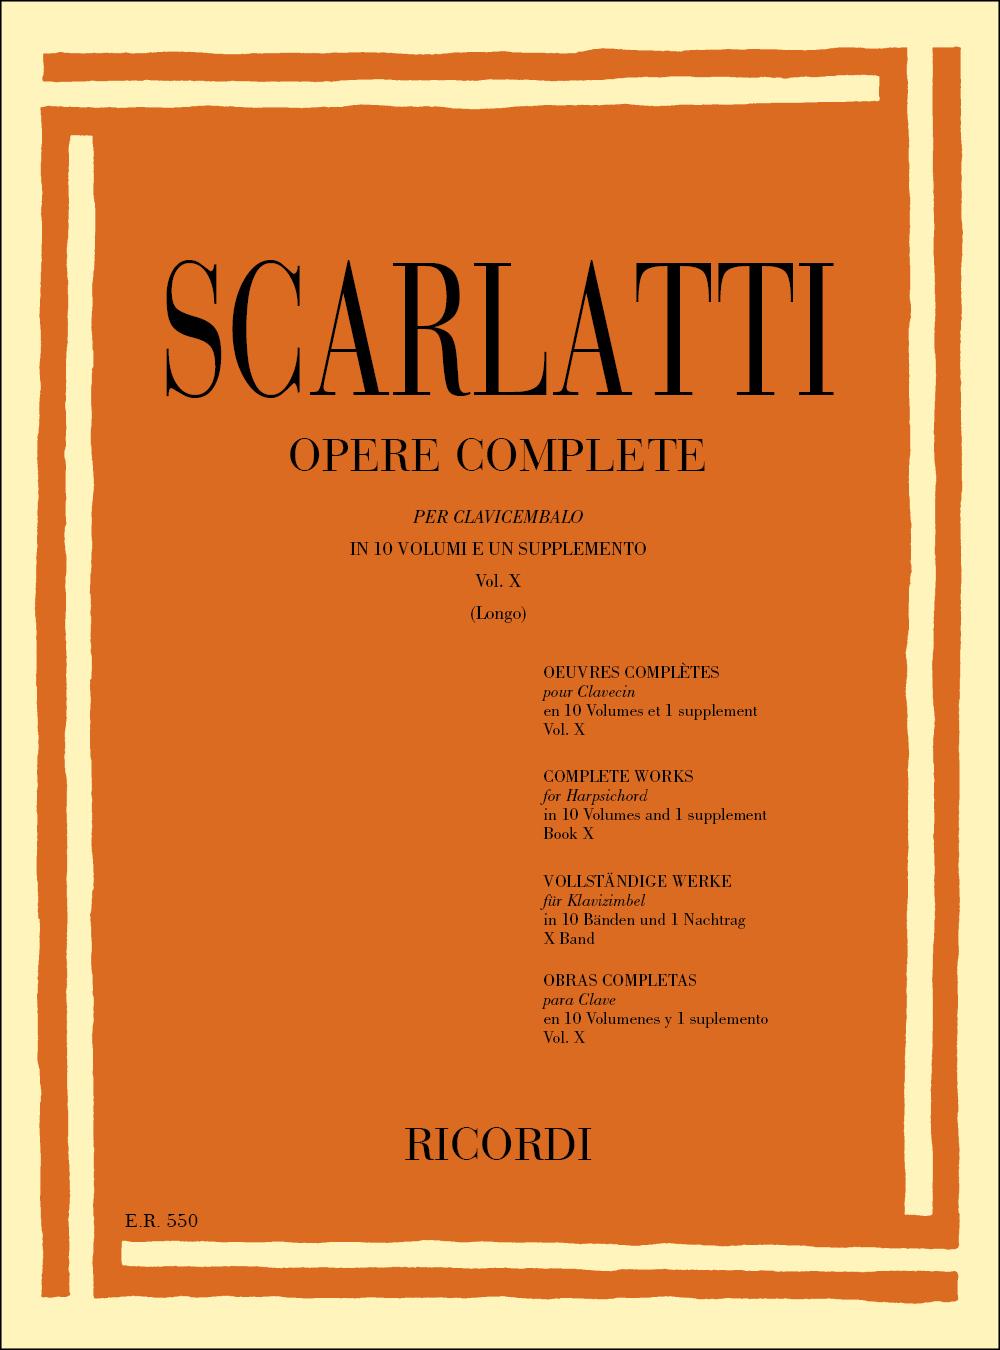 Domenico Scarlatti: Opere Complete Per Clavicembalo Vol. X: Harpsichord